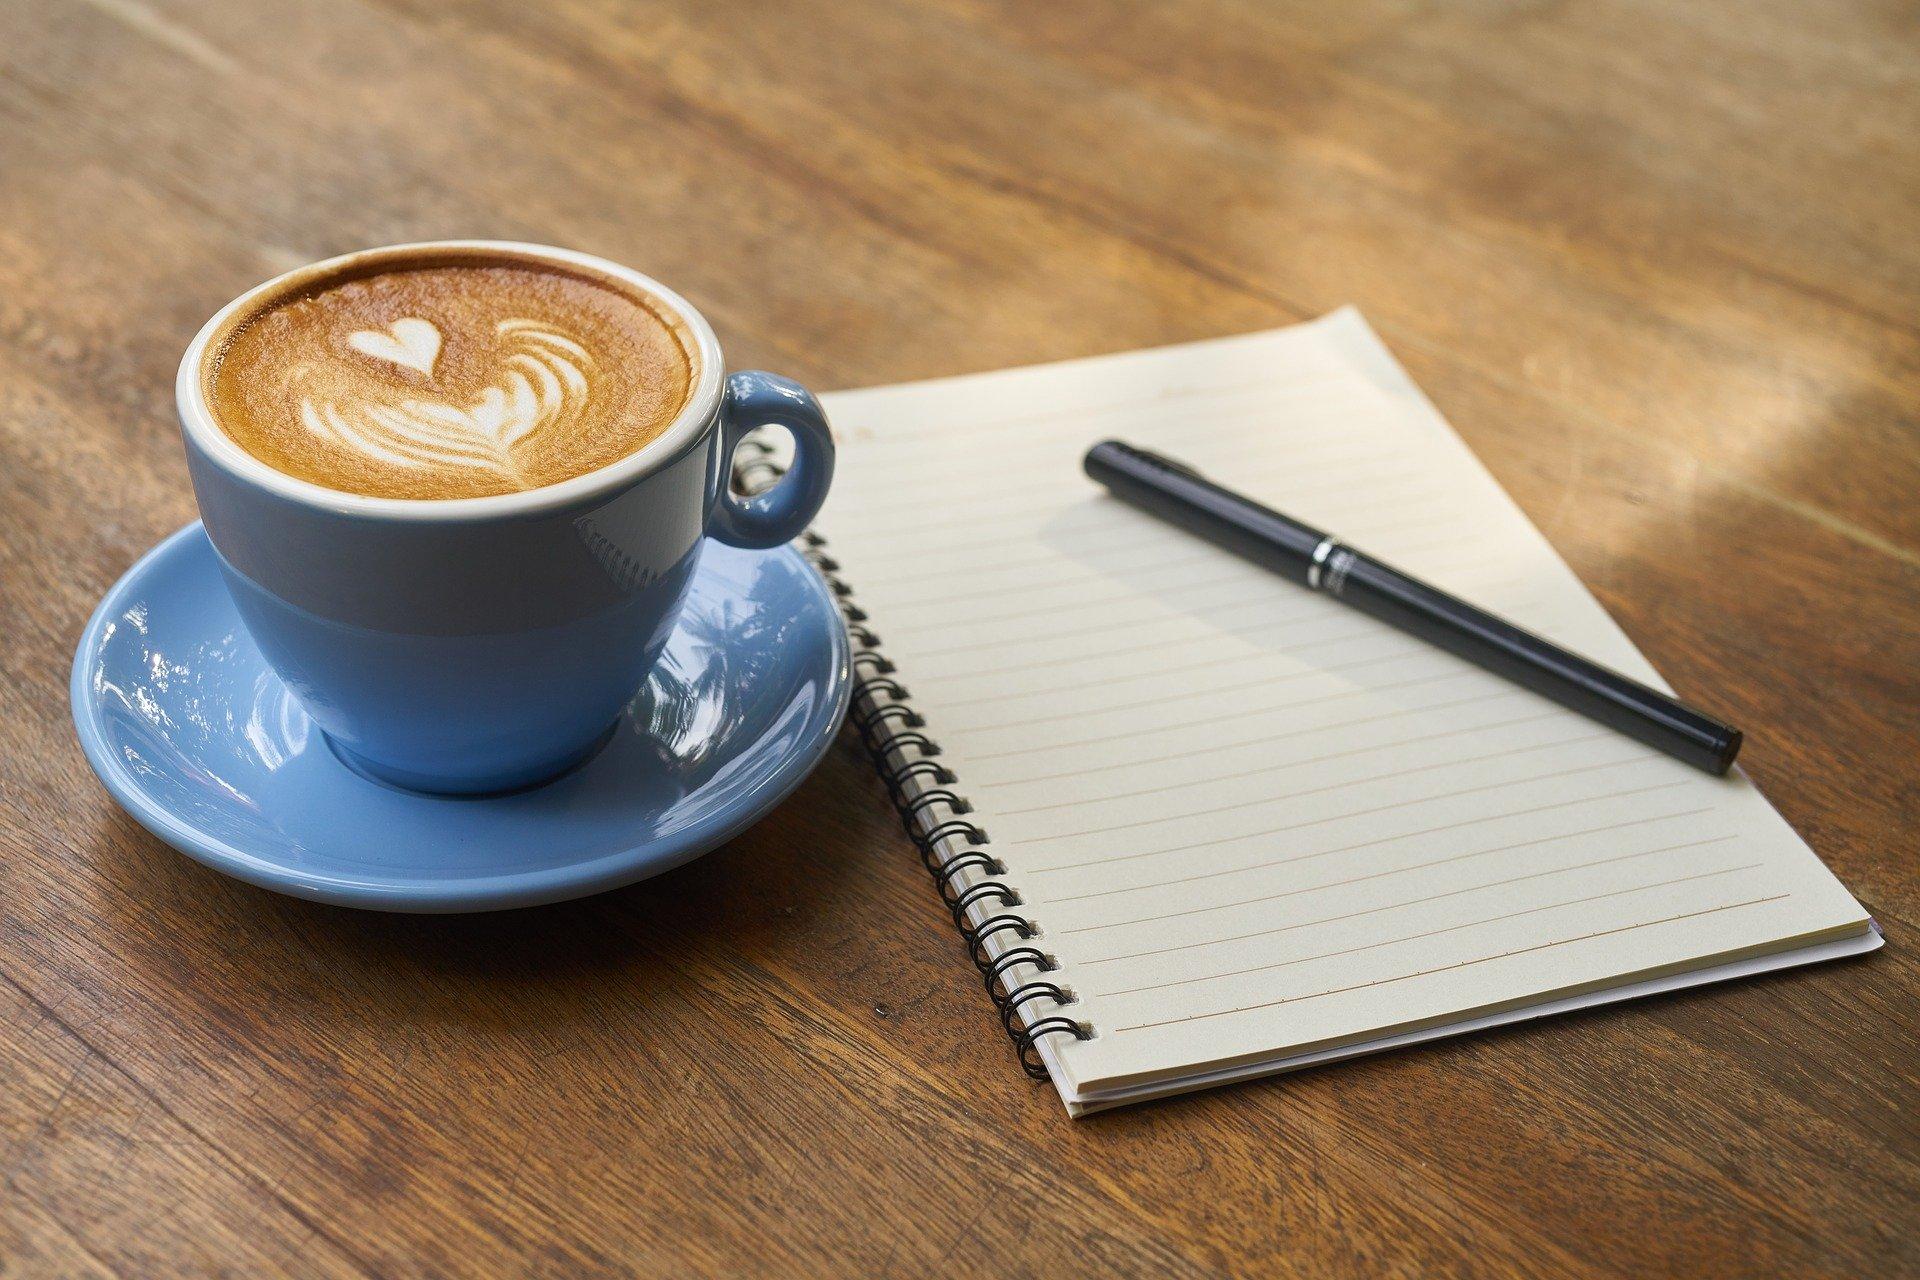 Koffie met kladblok- coffeeboon